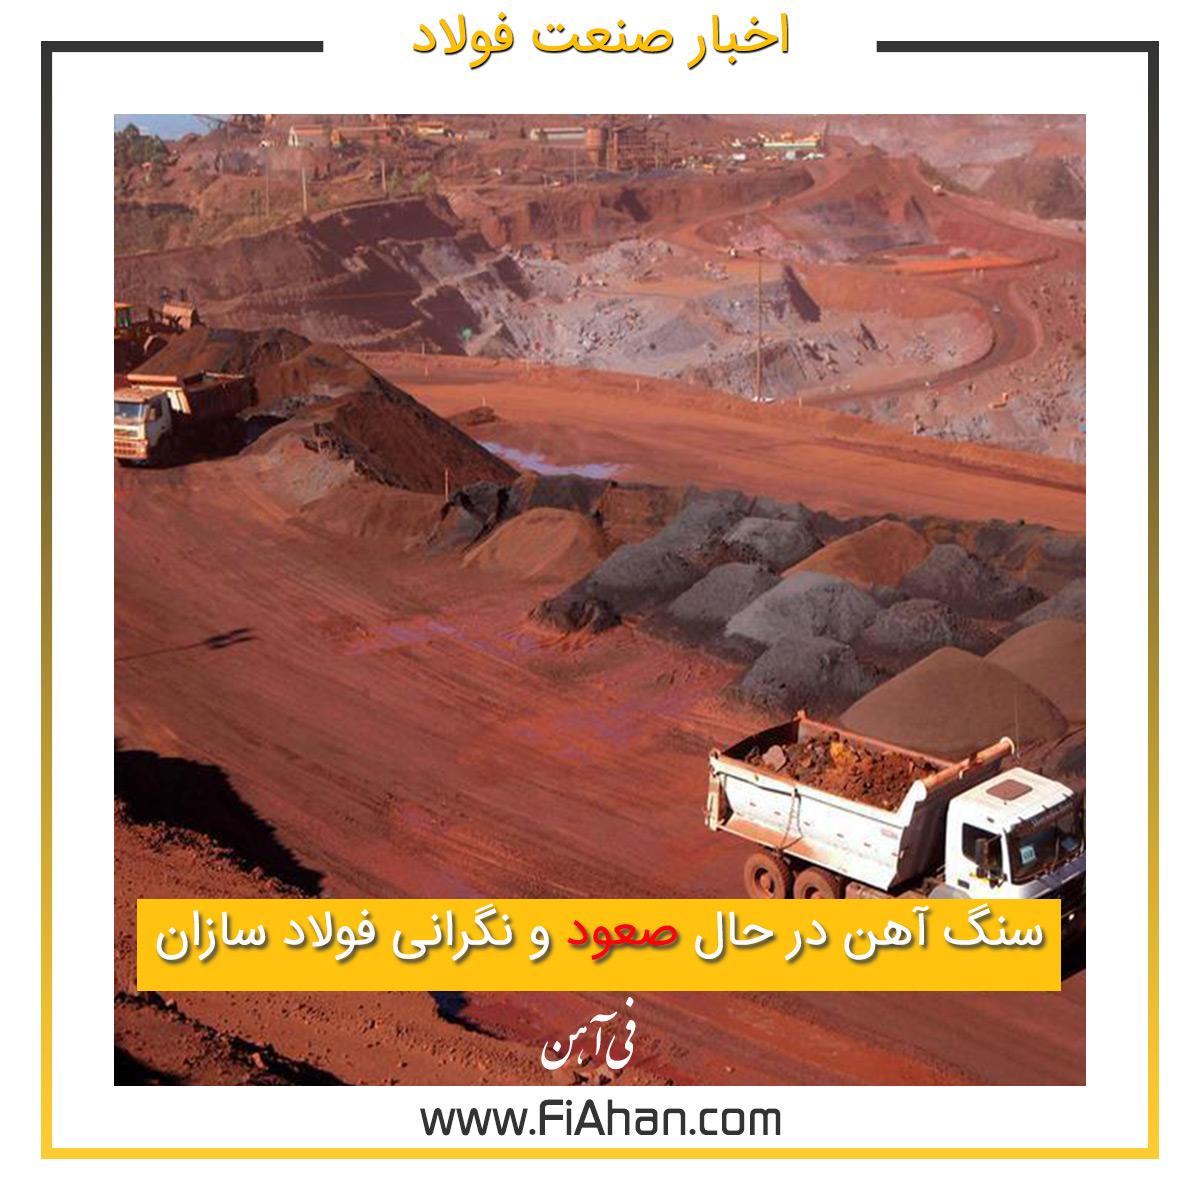 سنگ آهن در حال صعود و نگرانی فولاد سازان